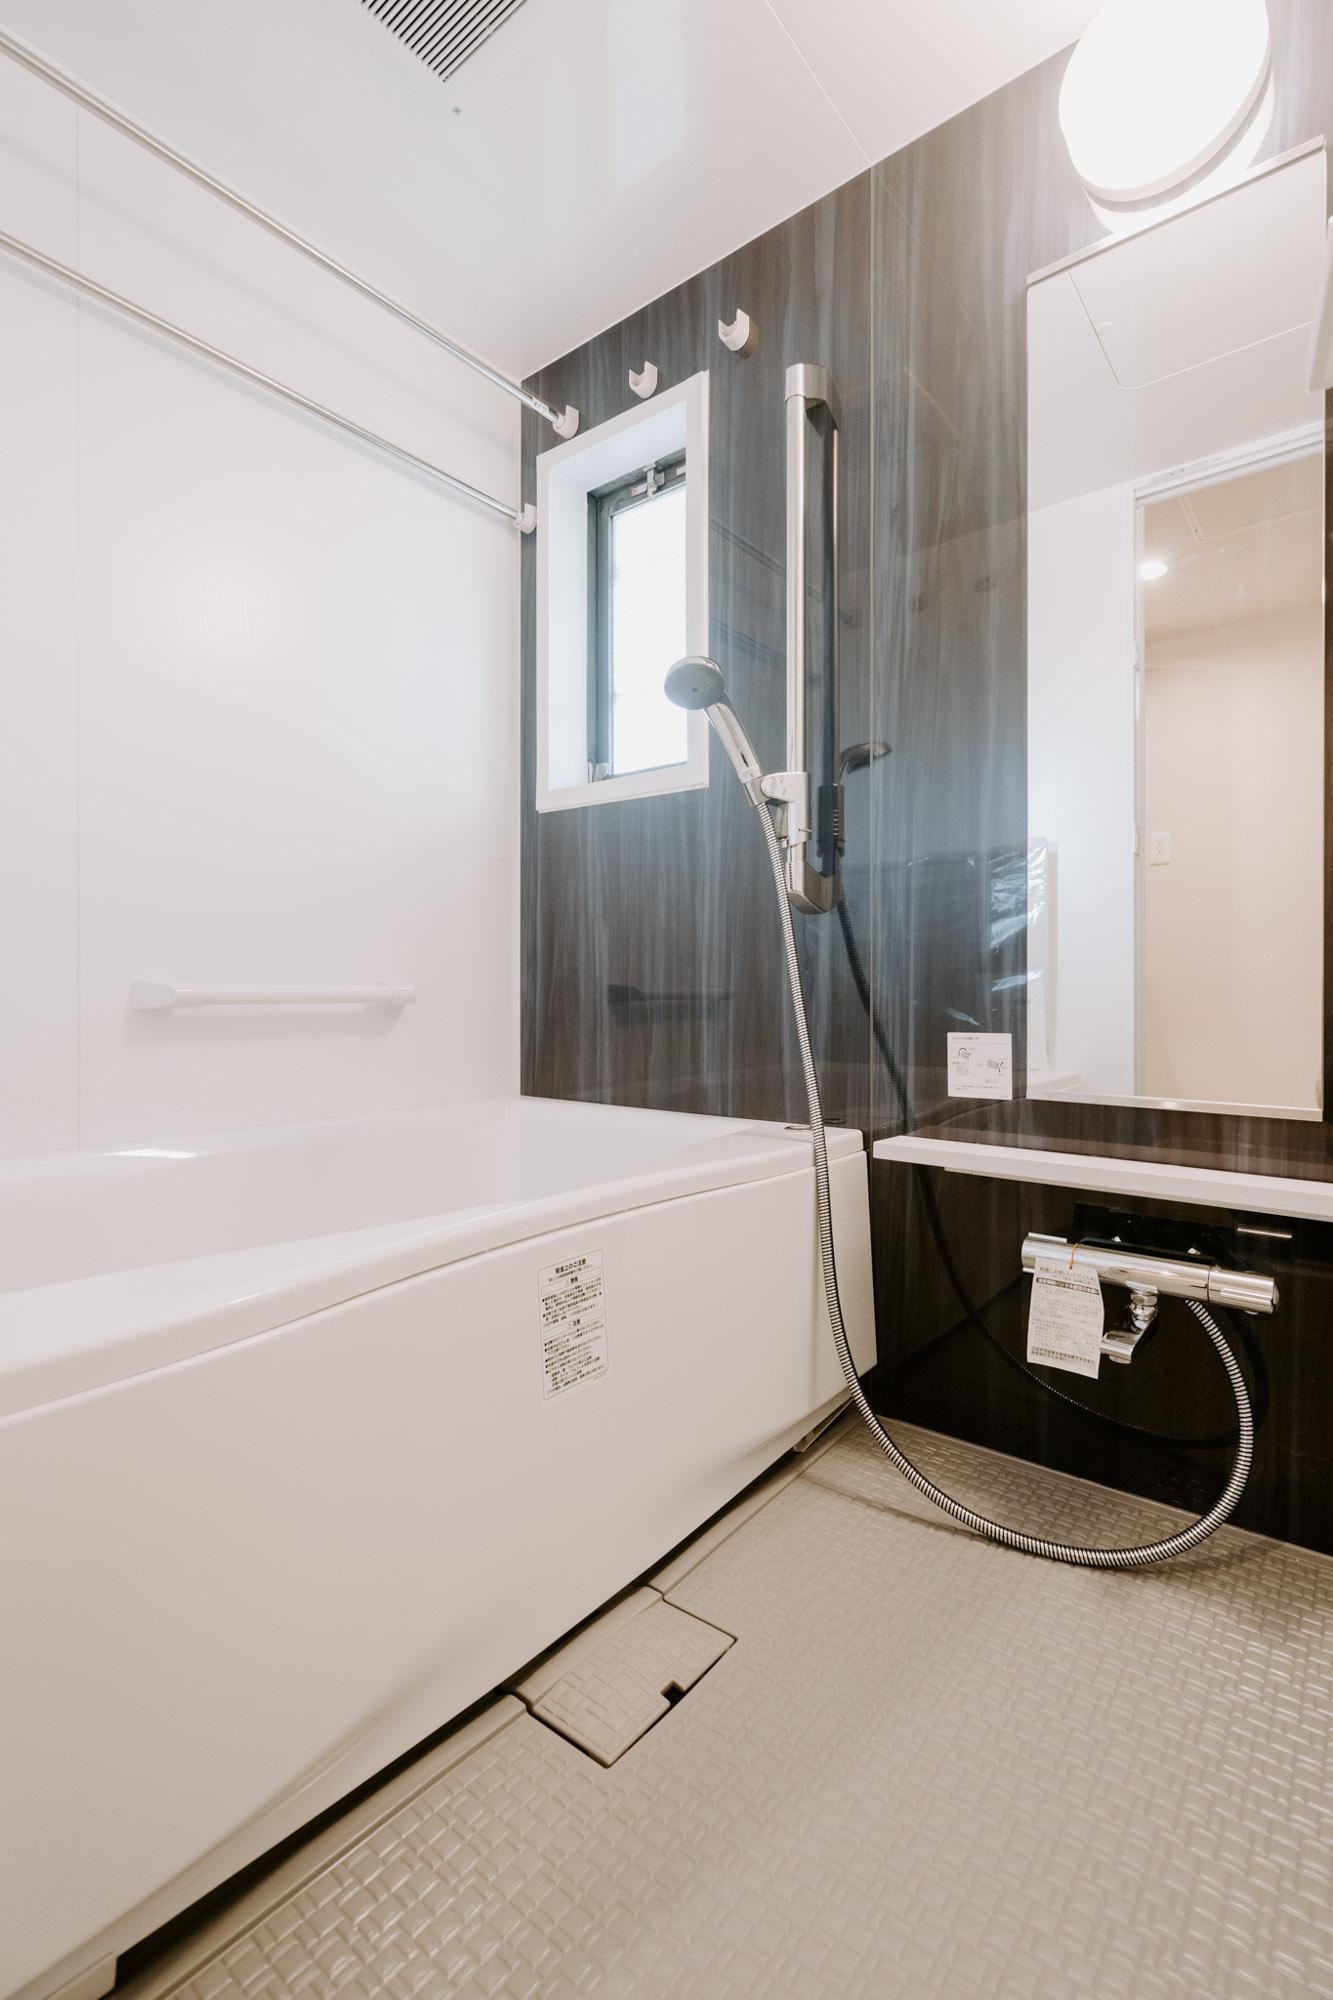 お風呂もグレードアップしたユニットバスに交換済み。気持ちよく入れます。追い焚き機能や浴室乾燥機能もしっかりついていて、洗濯物が干せるようにもなっています。部屋干しできるのは嬉しいですよね。